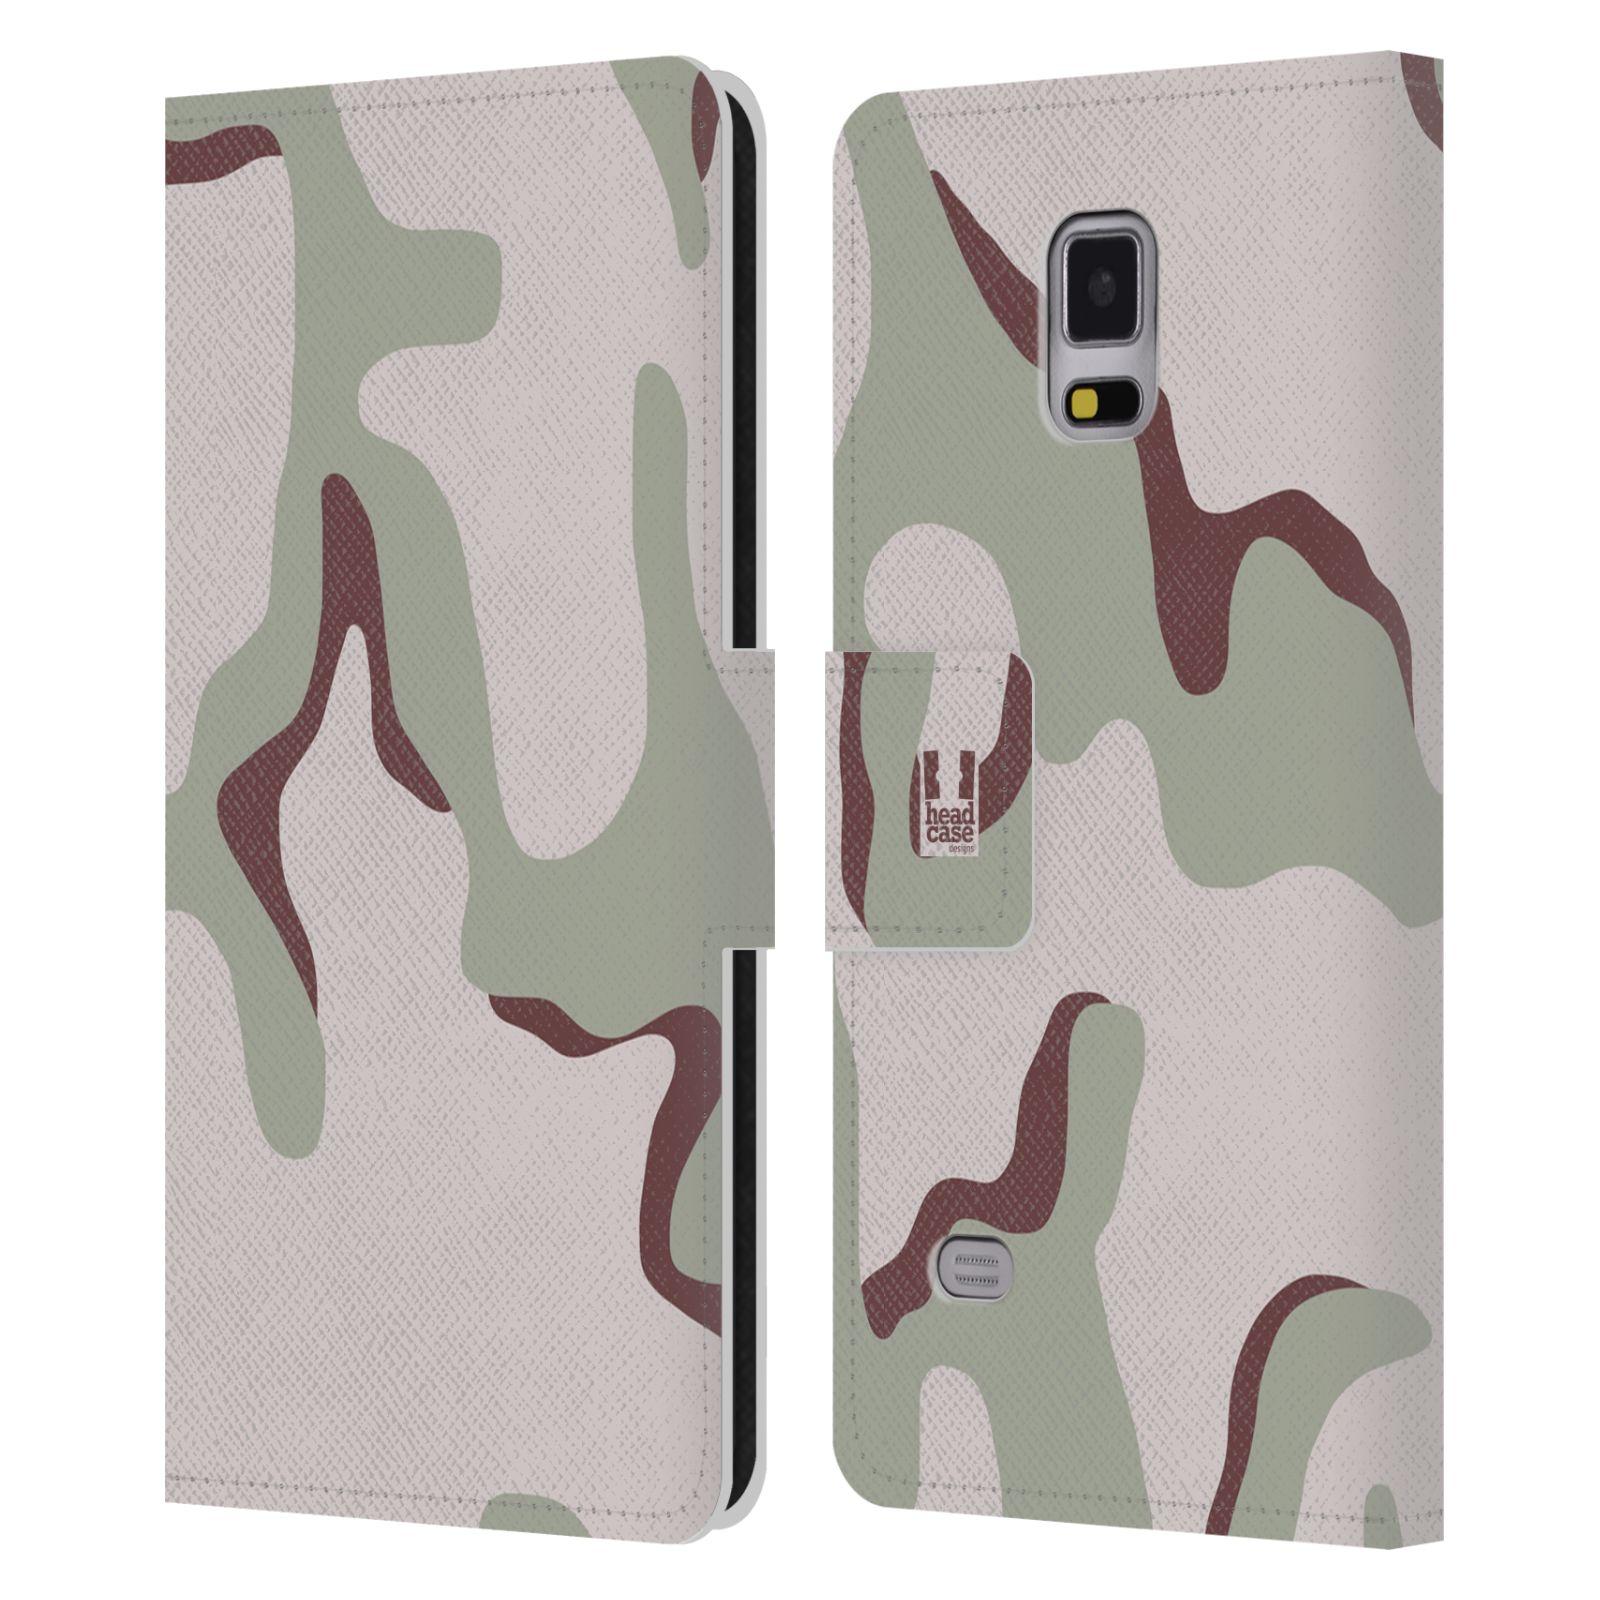 HEAD CASE Flipové pouzdro pro mobil Samsung Galaxy Note 4 kamufláž poušť tři barvy